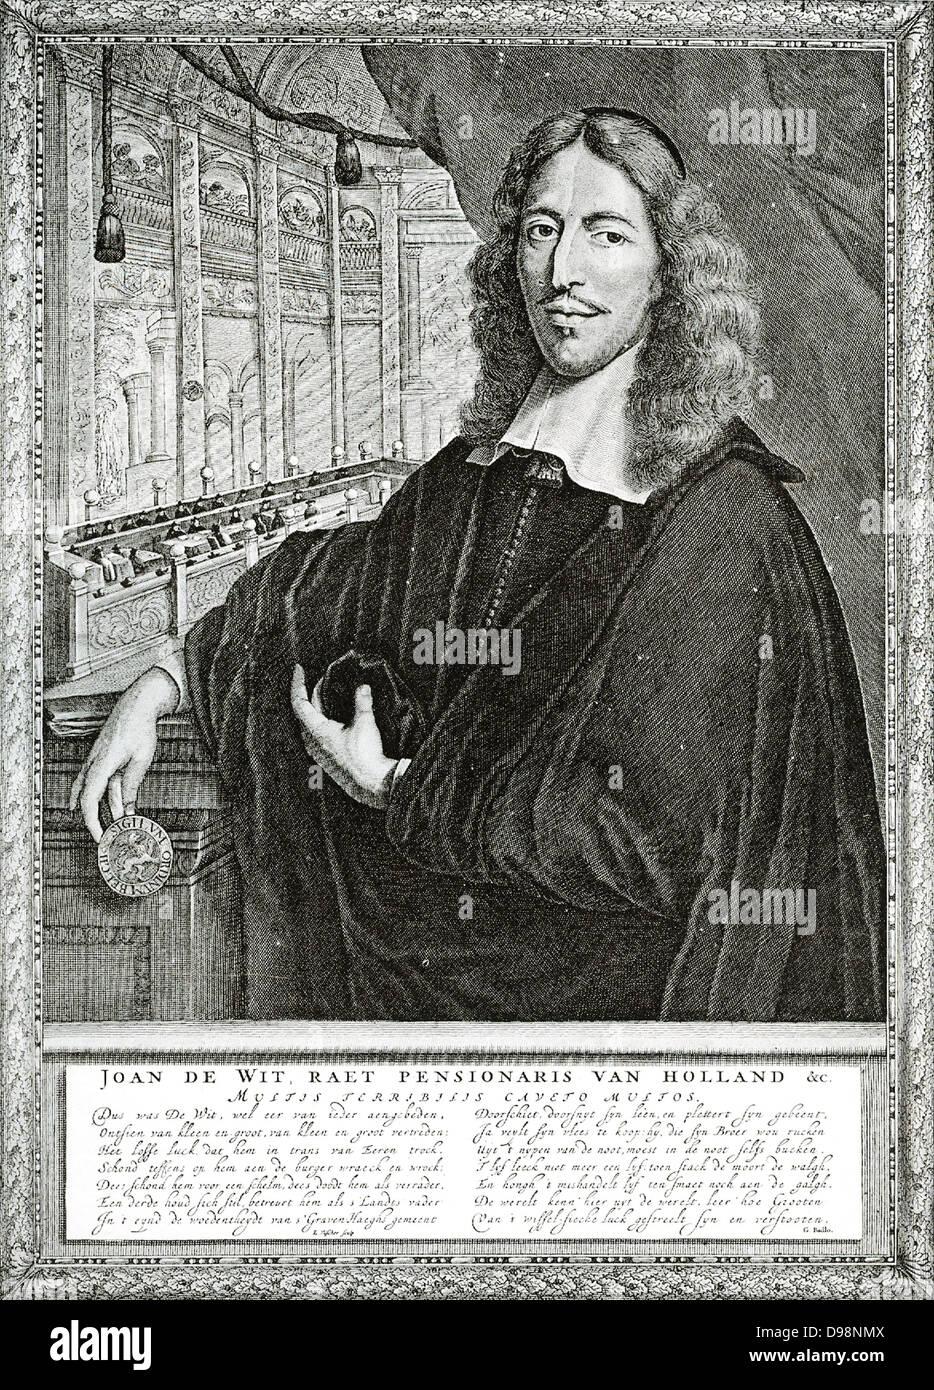 Johan De Witt, uno statista di rara doni. Per quasi venti anni era il capo degli Affari Esteri Olandese Immagini Stock